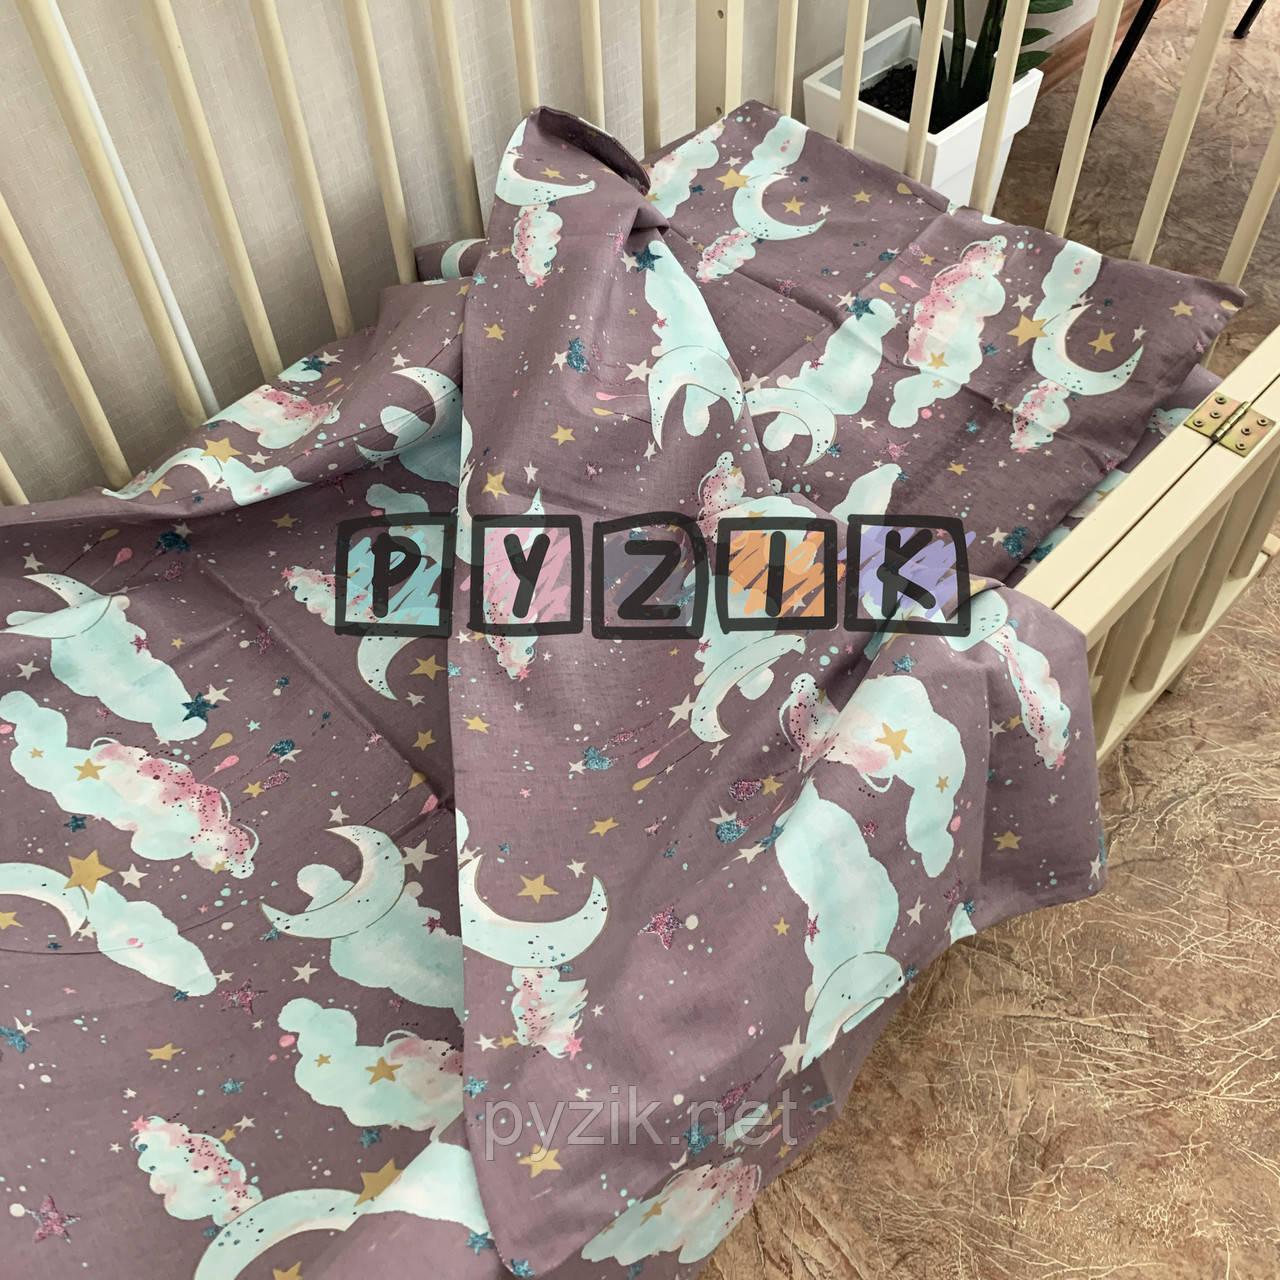 Постільний набір в дитячу ліжечко (3 предмета) Хмаринки м'ятний